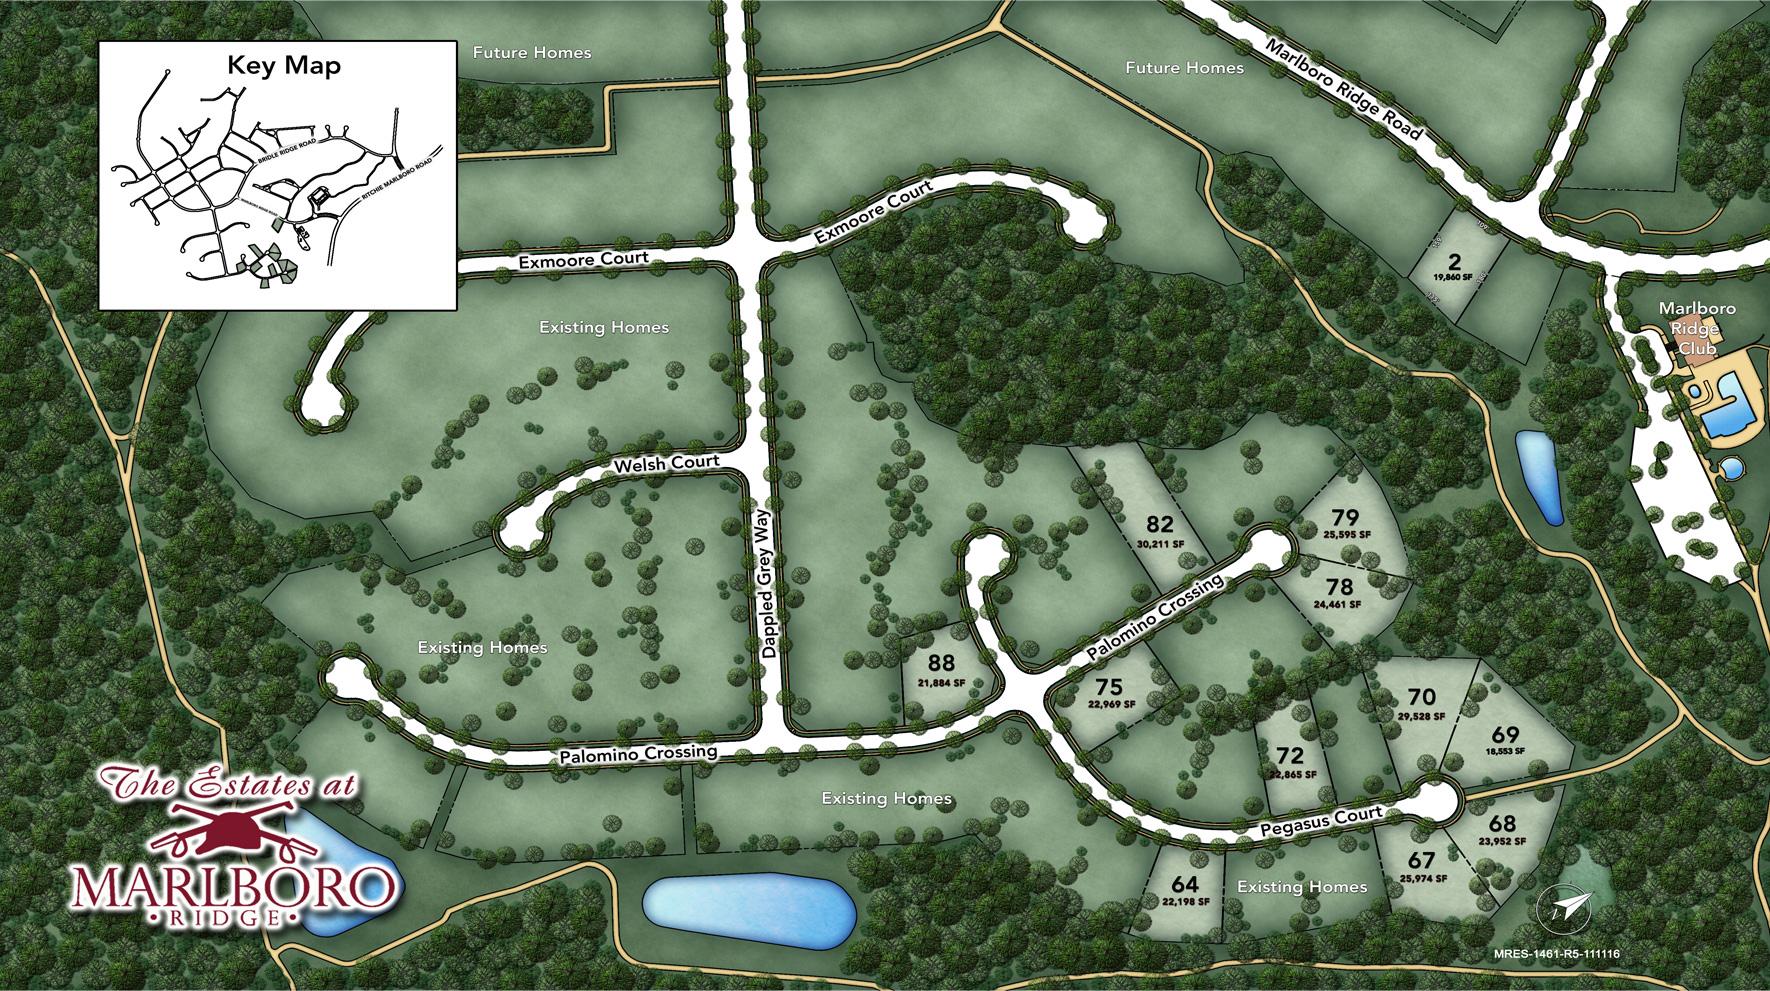 Marlboro Ridge - The Estates Site Plan